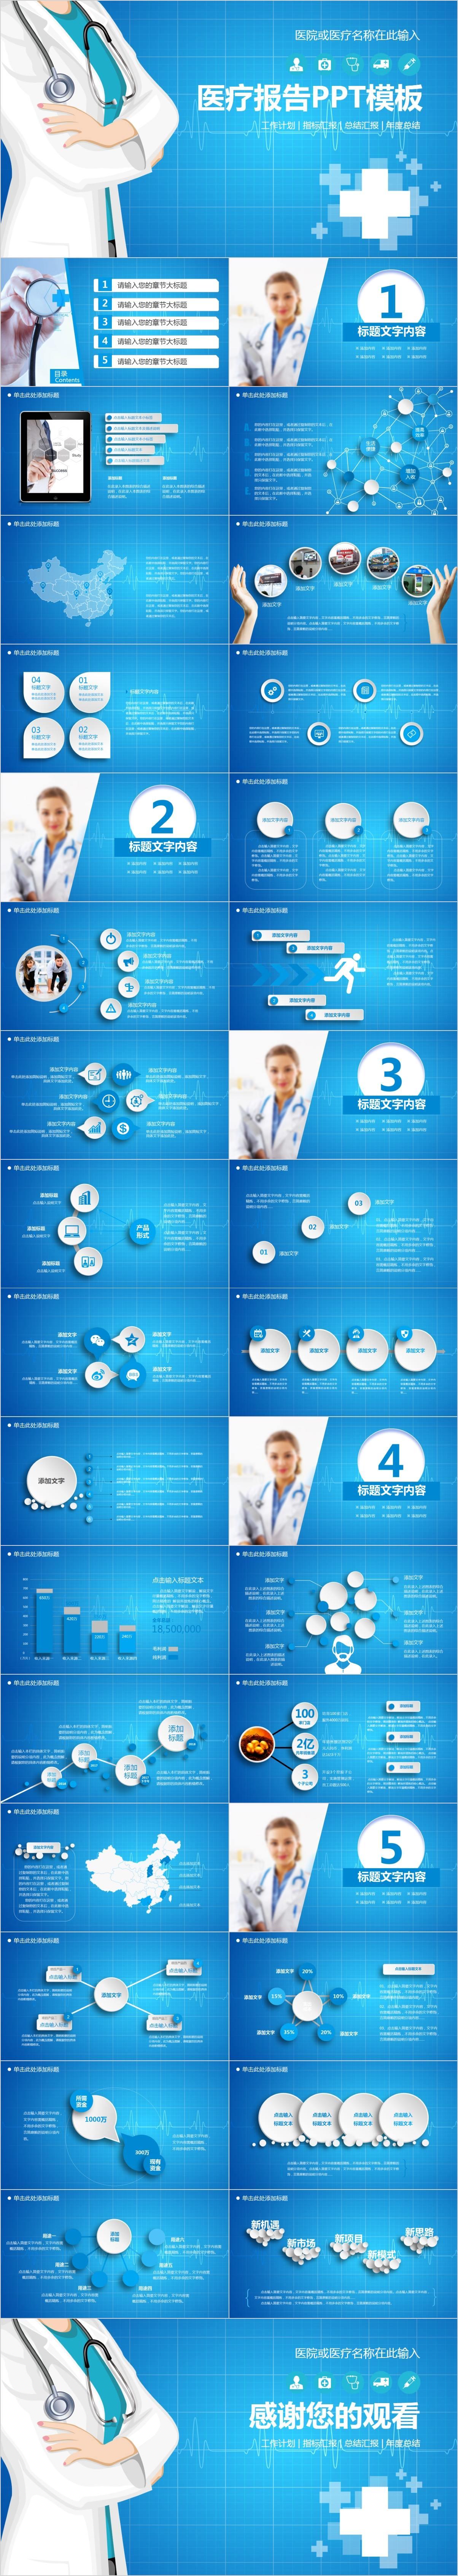 BC0136 医疗报告PPT模板